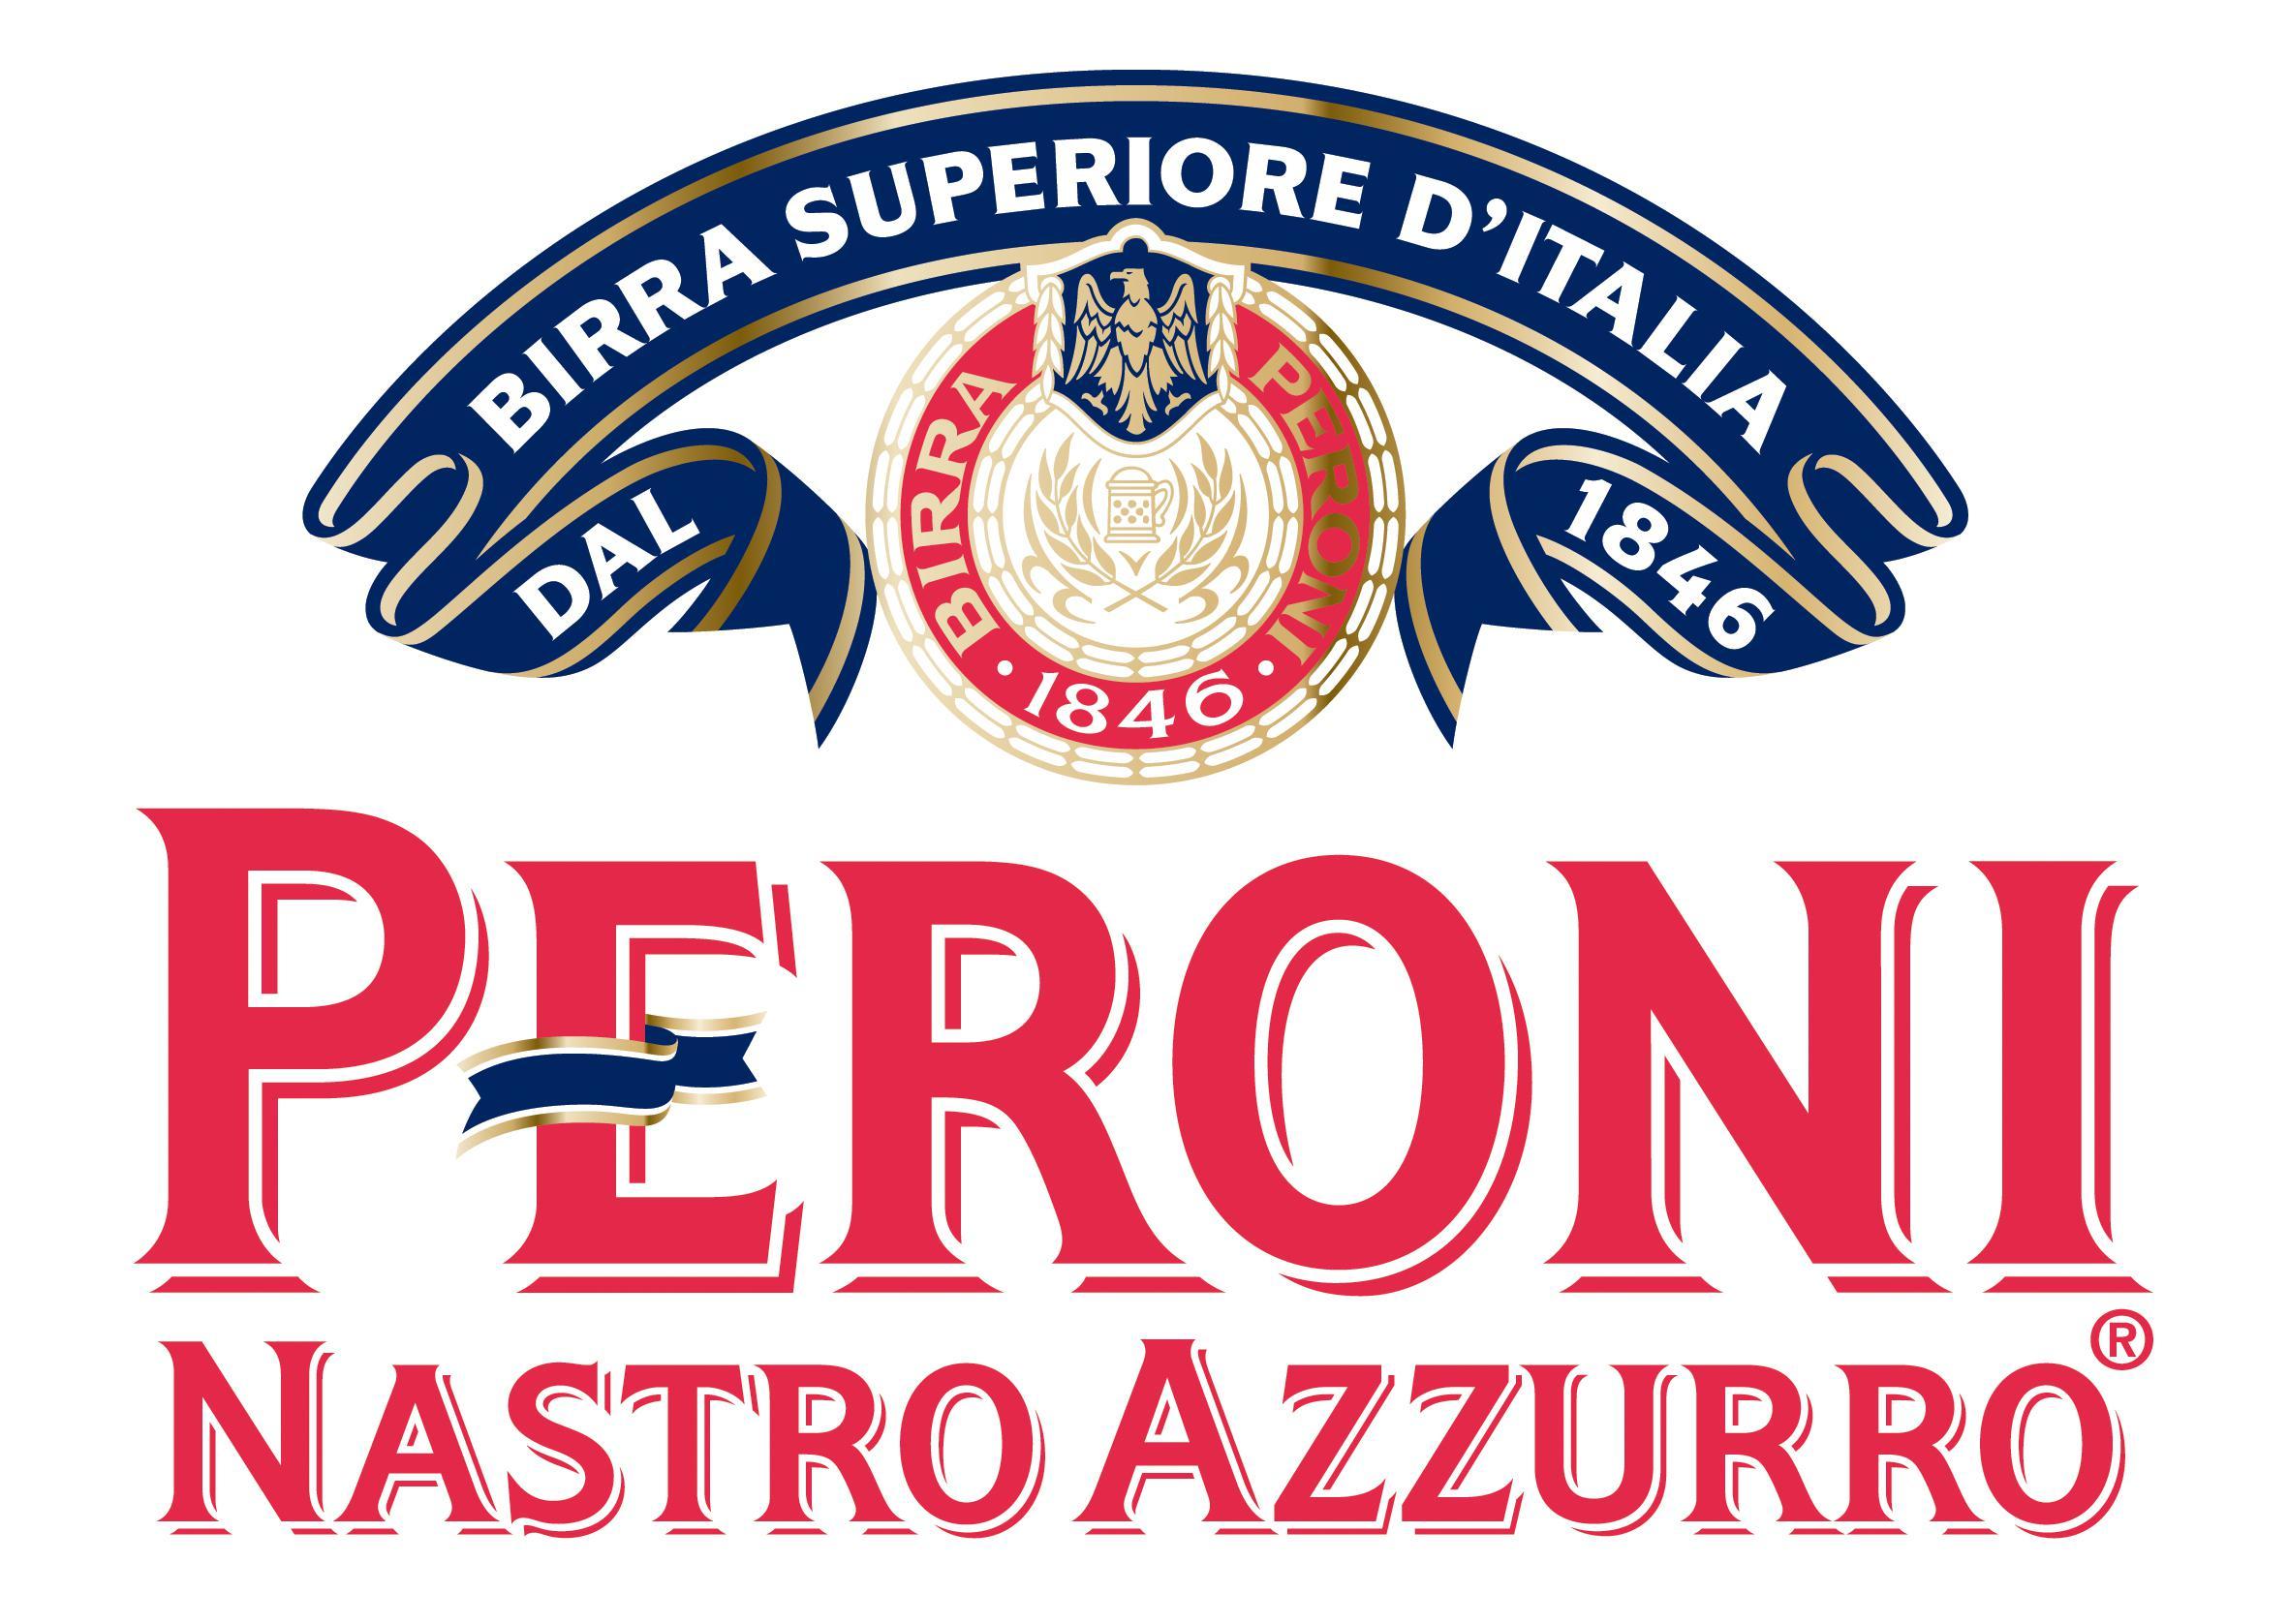 Lot de 3 packs de bière Peroni 3 x 33cl (Shopmium + BDR 1€)